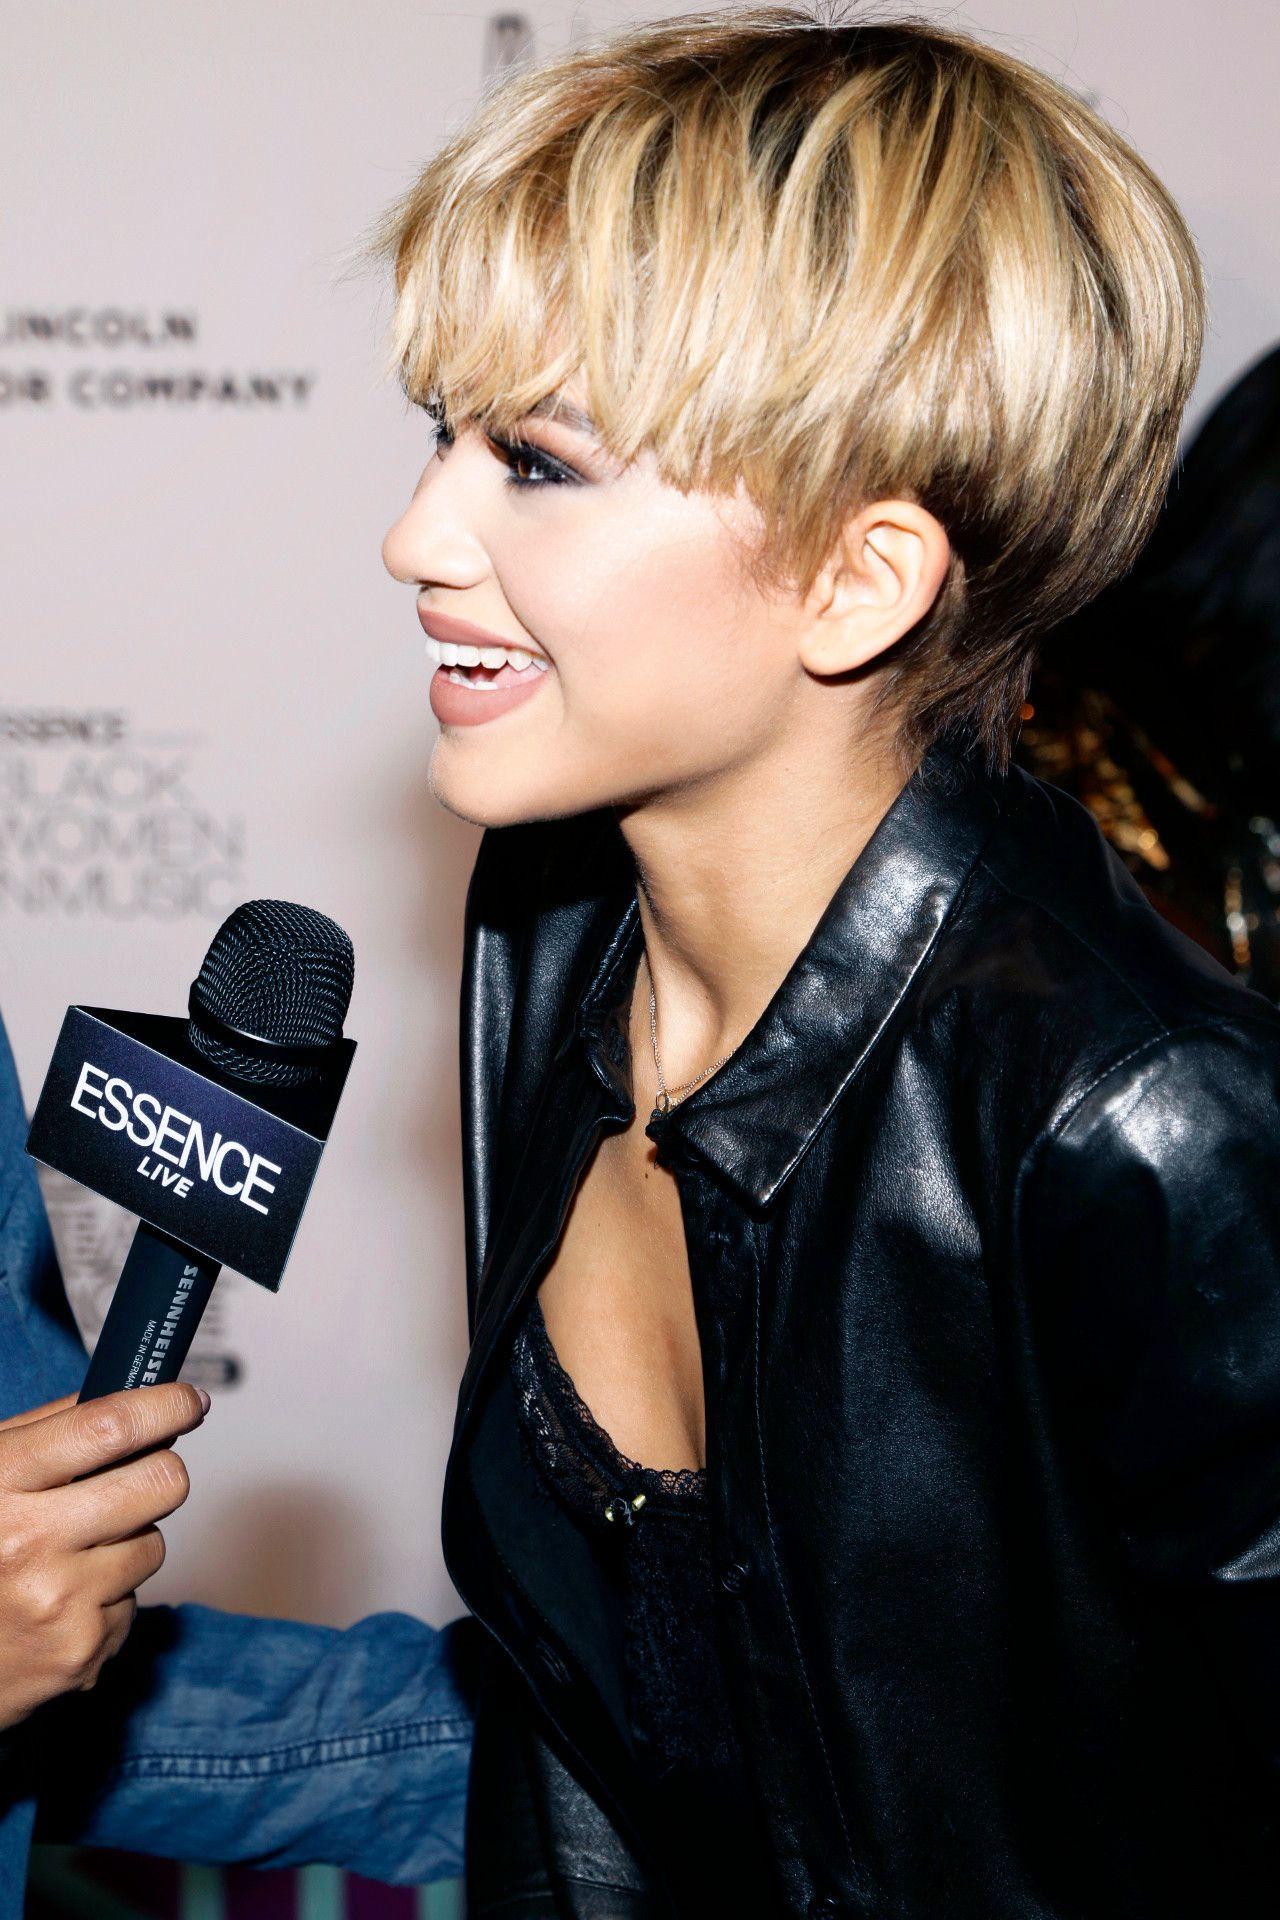 zendaya short blonde mushroom haircut bowl cut hair | cute